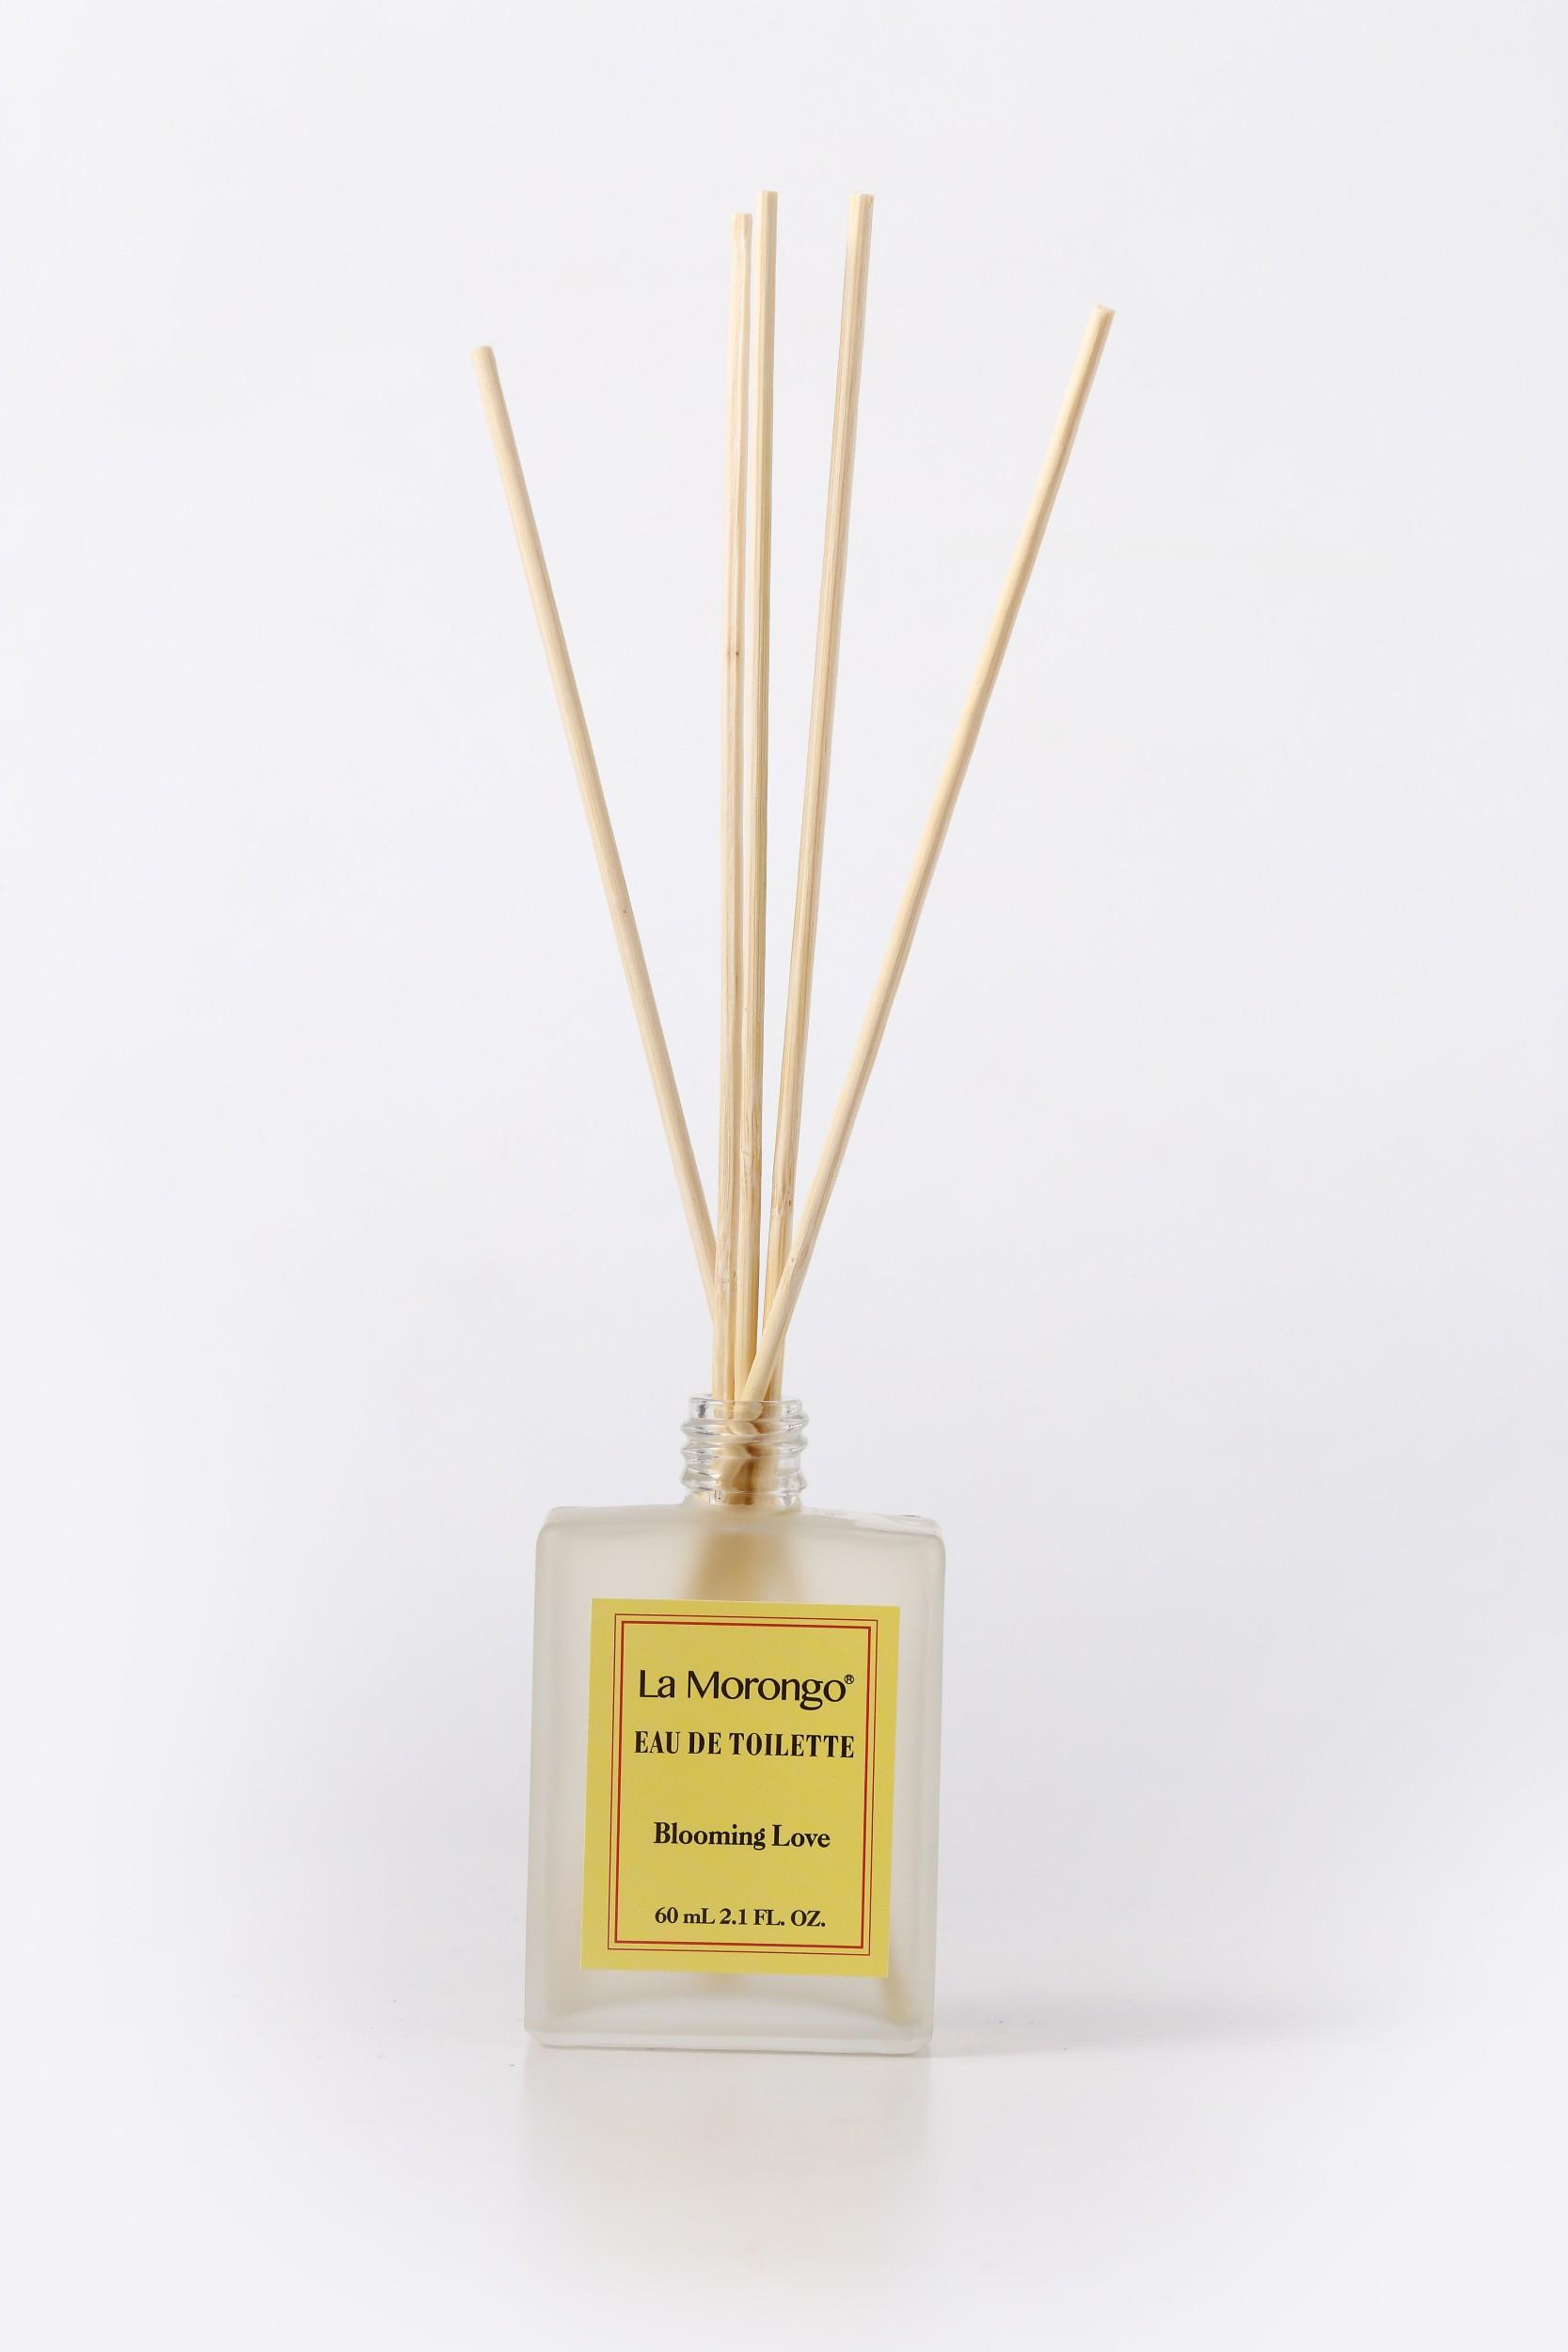 (法國樂木美品) 十瓶 10 bottle Blooming Love bamboo reed diffuser 黃標寵愛花香調蜂蜜桂花精油香氛噴霧擴香竹 60mL X10瓶